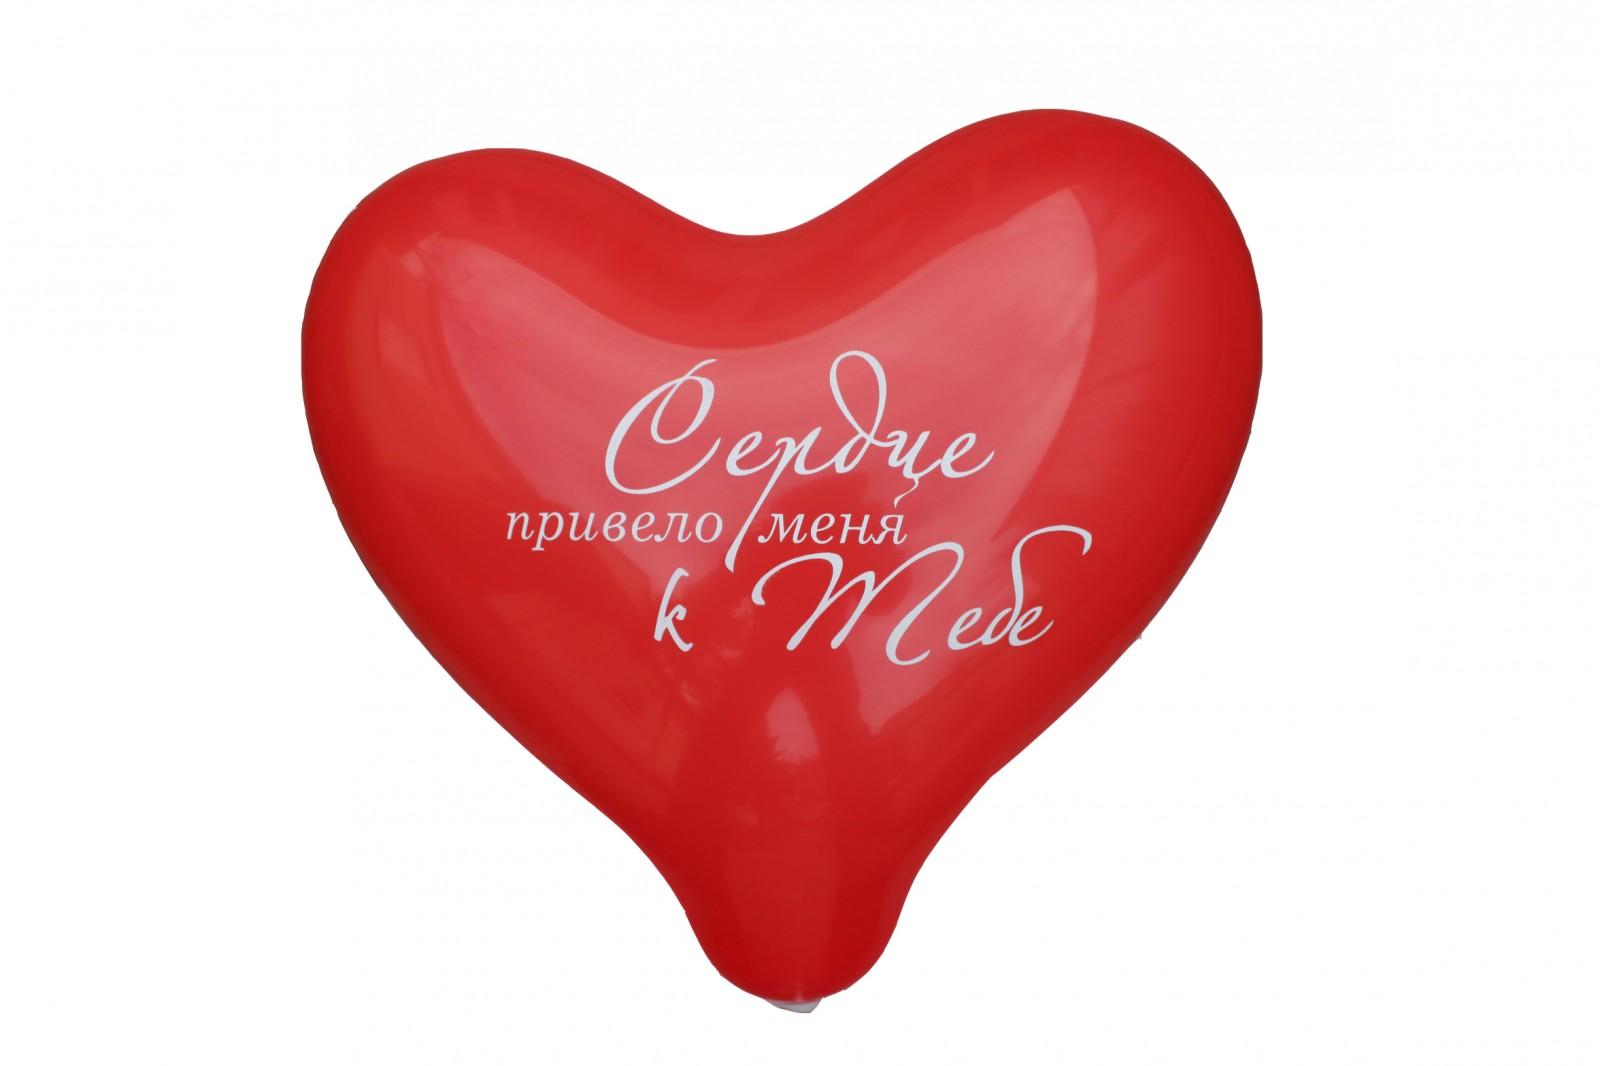 Марта оригинальное, картинки сердца с надписью люблю